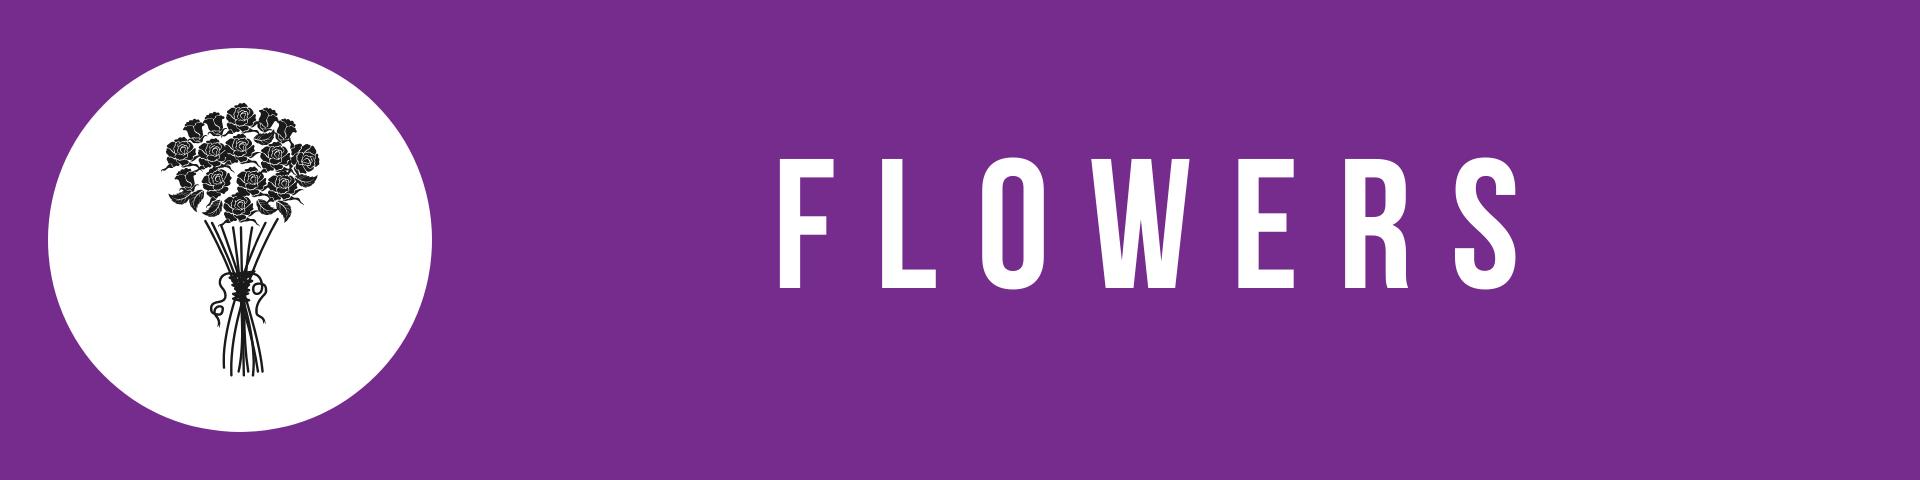 email_headers_flowers